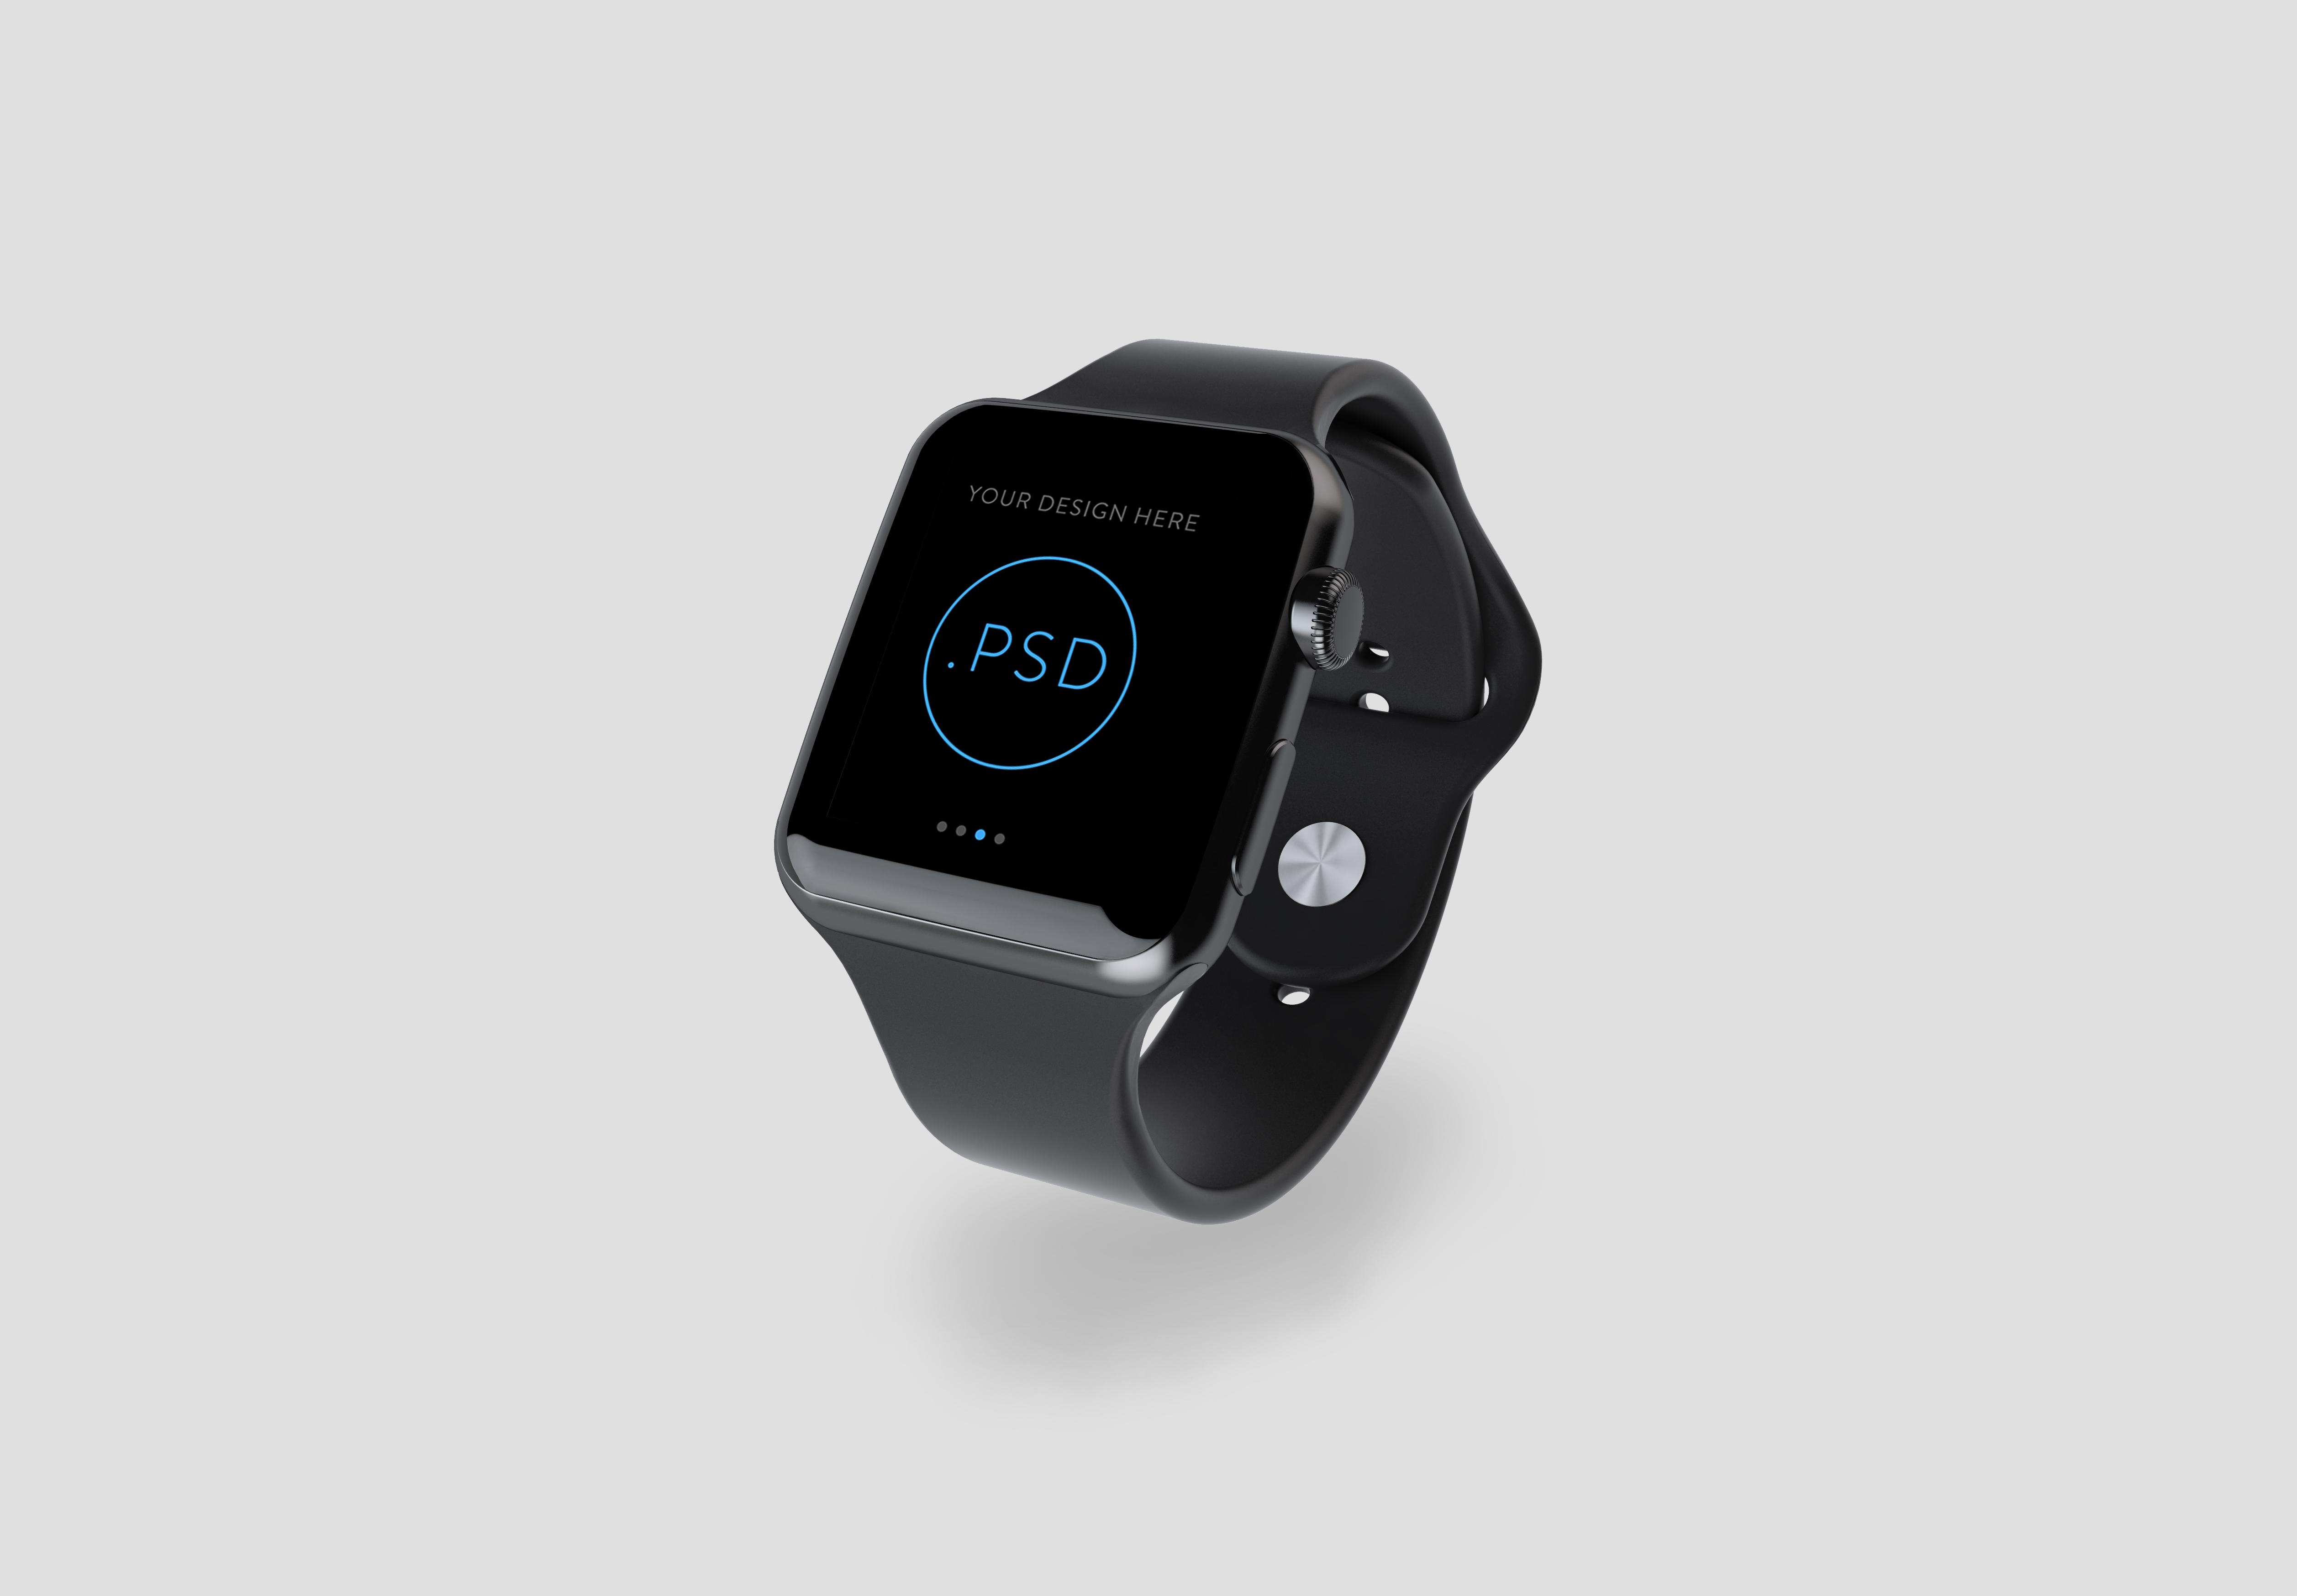 黑色苹果手表样机图片